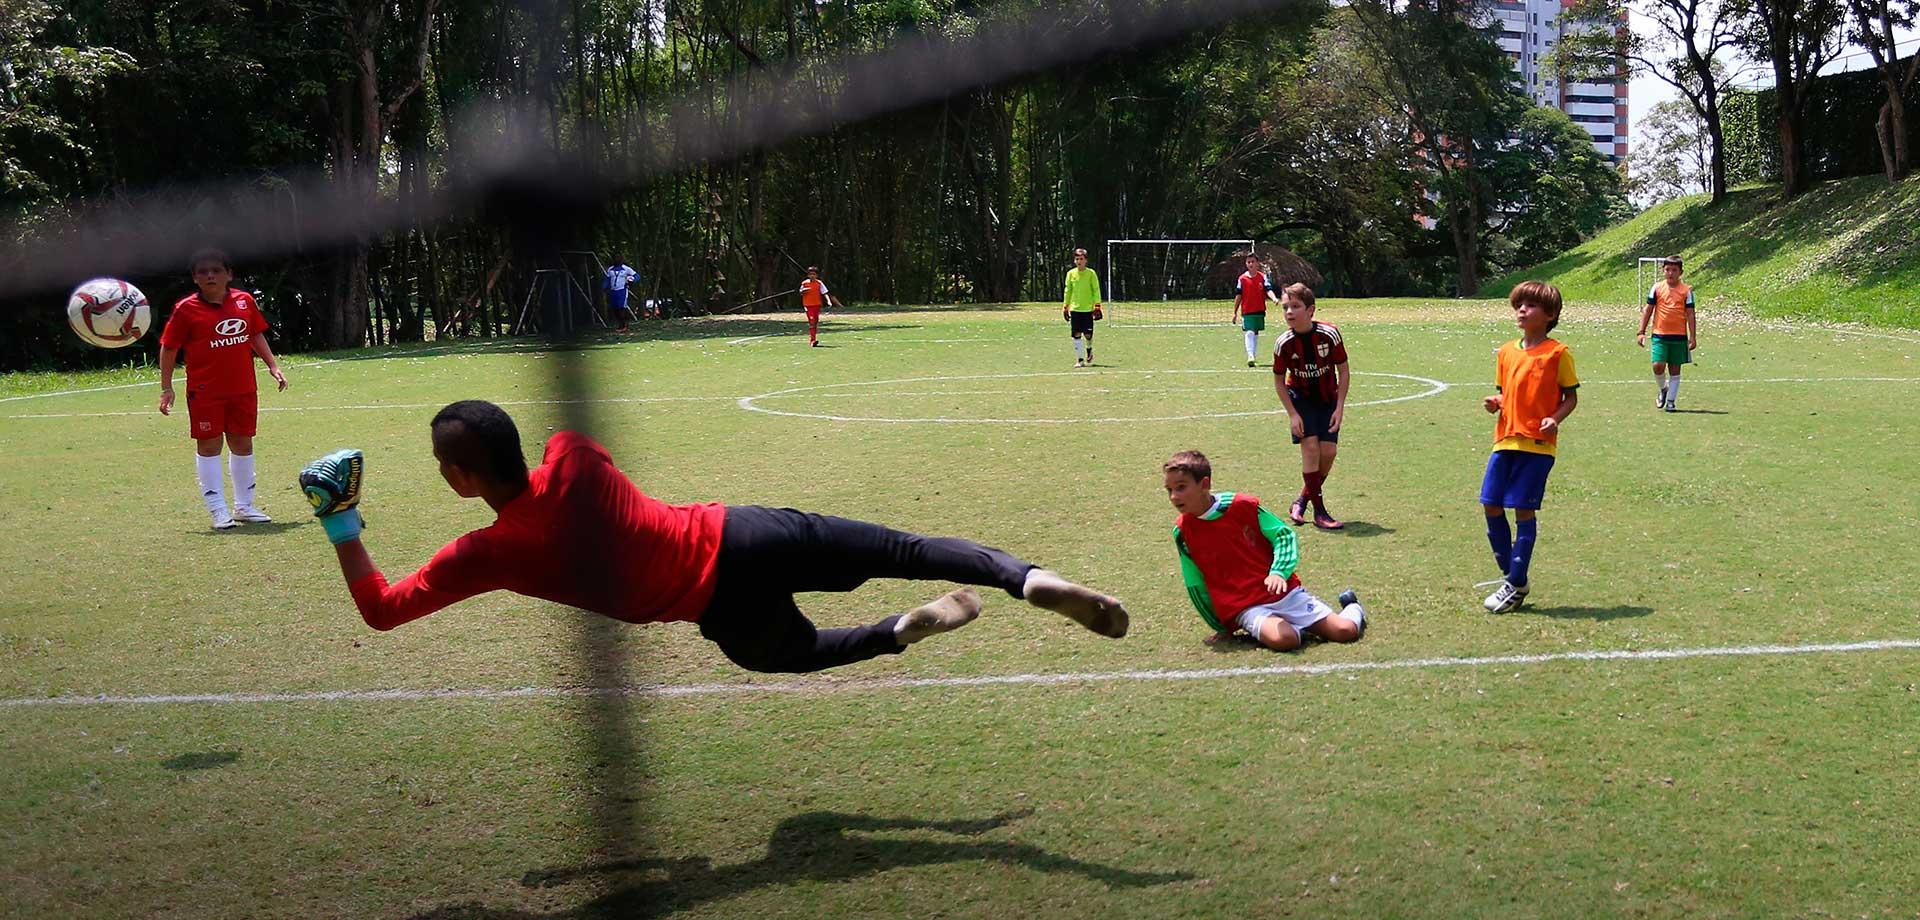 Jugando Futbol Club Campestre Cali Club Campestre De Cali